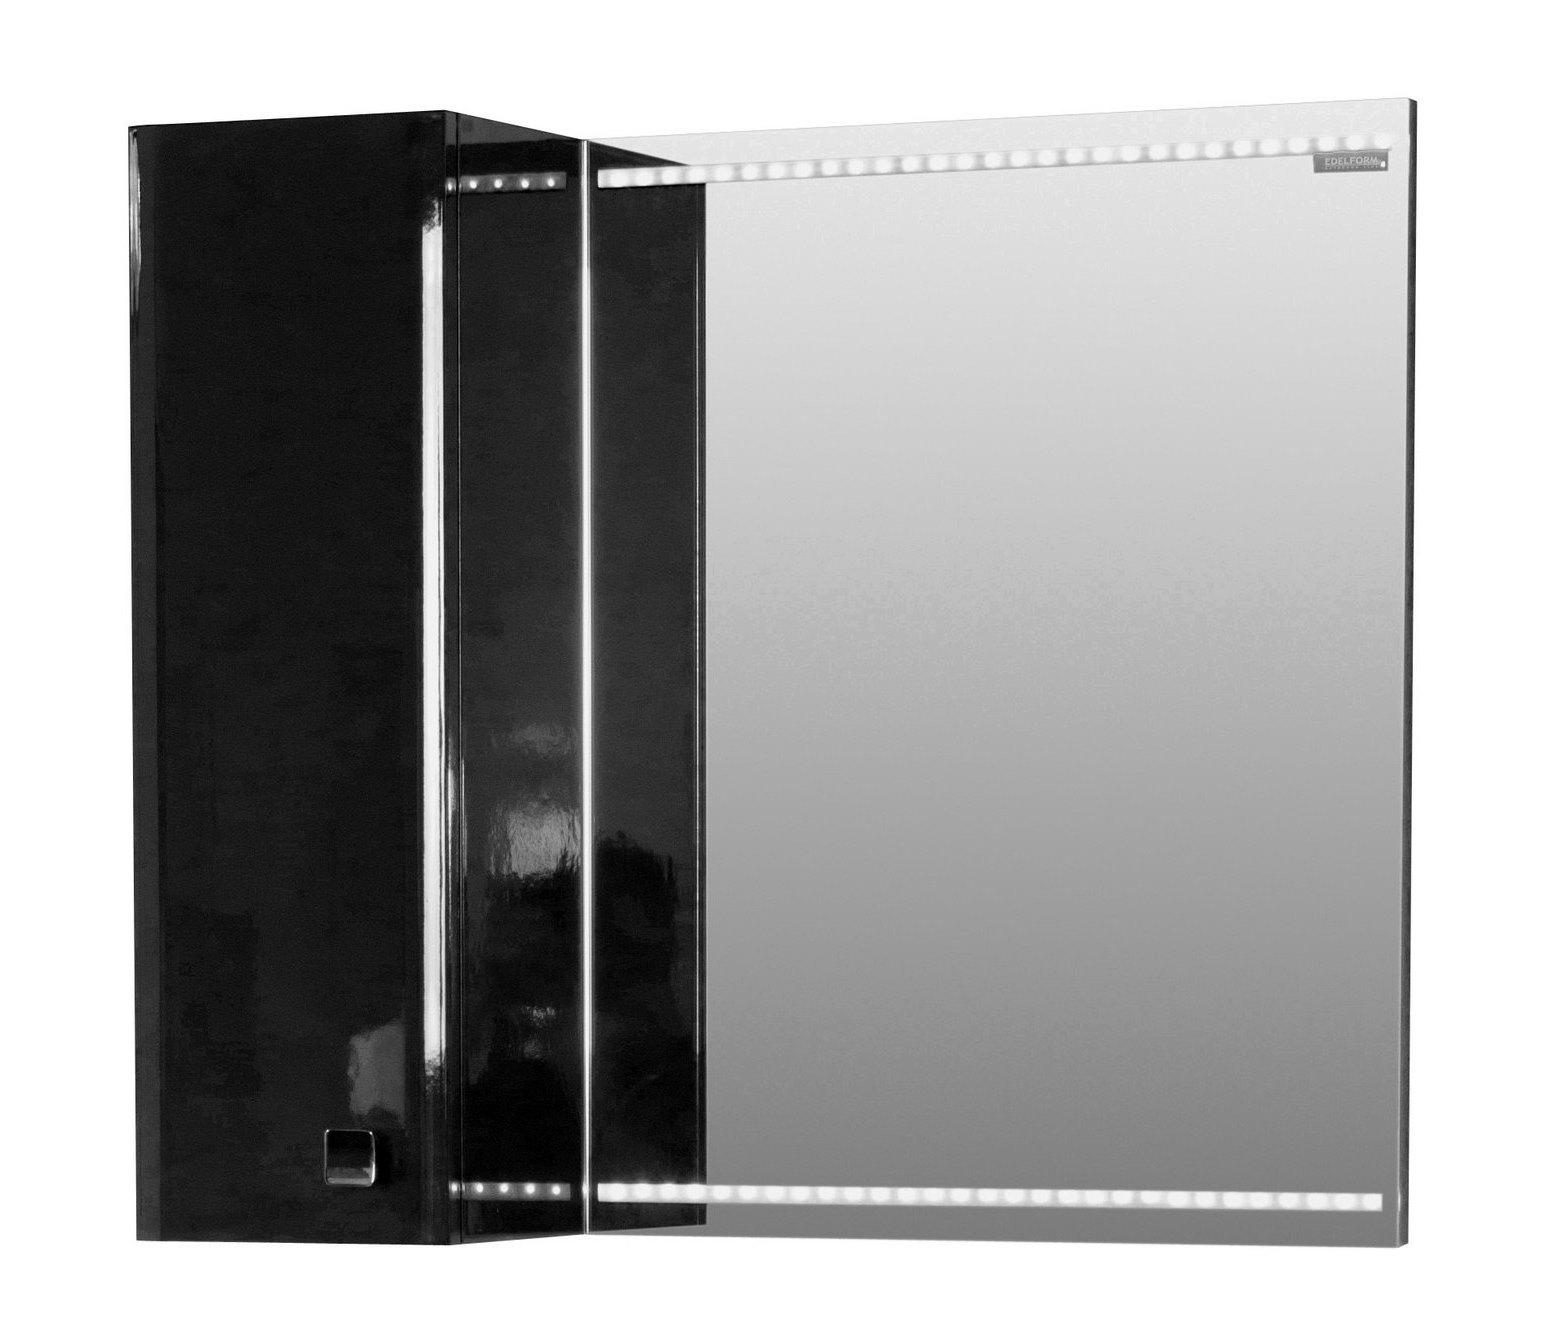 Зеркальный шкаф Edelform Нота 90 черный